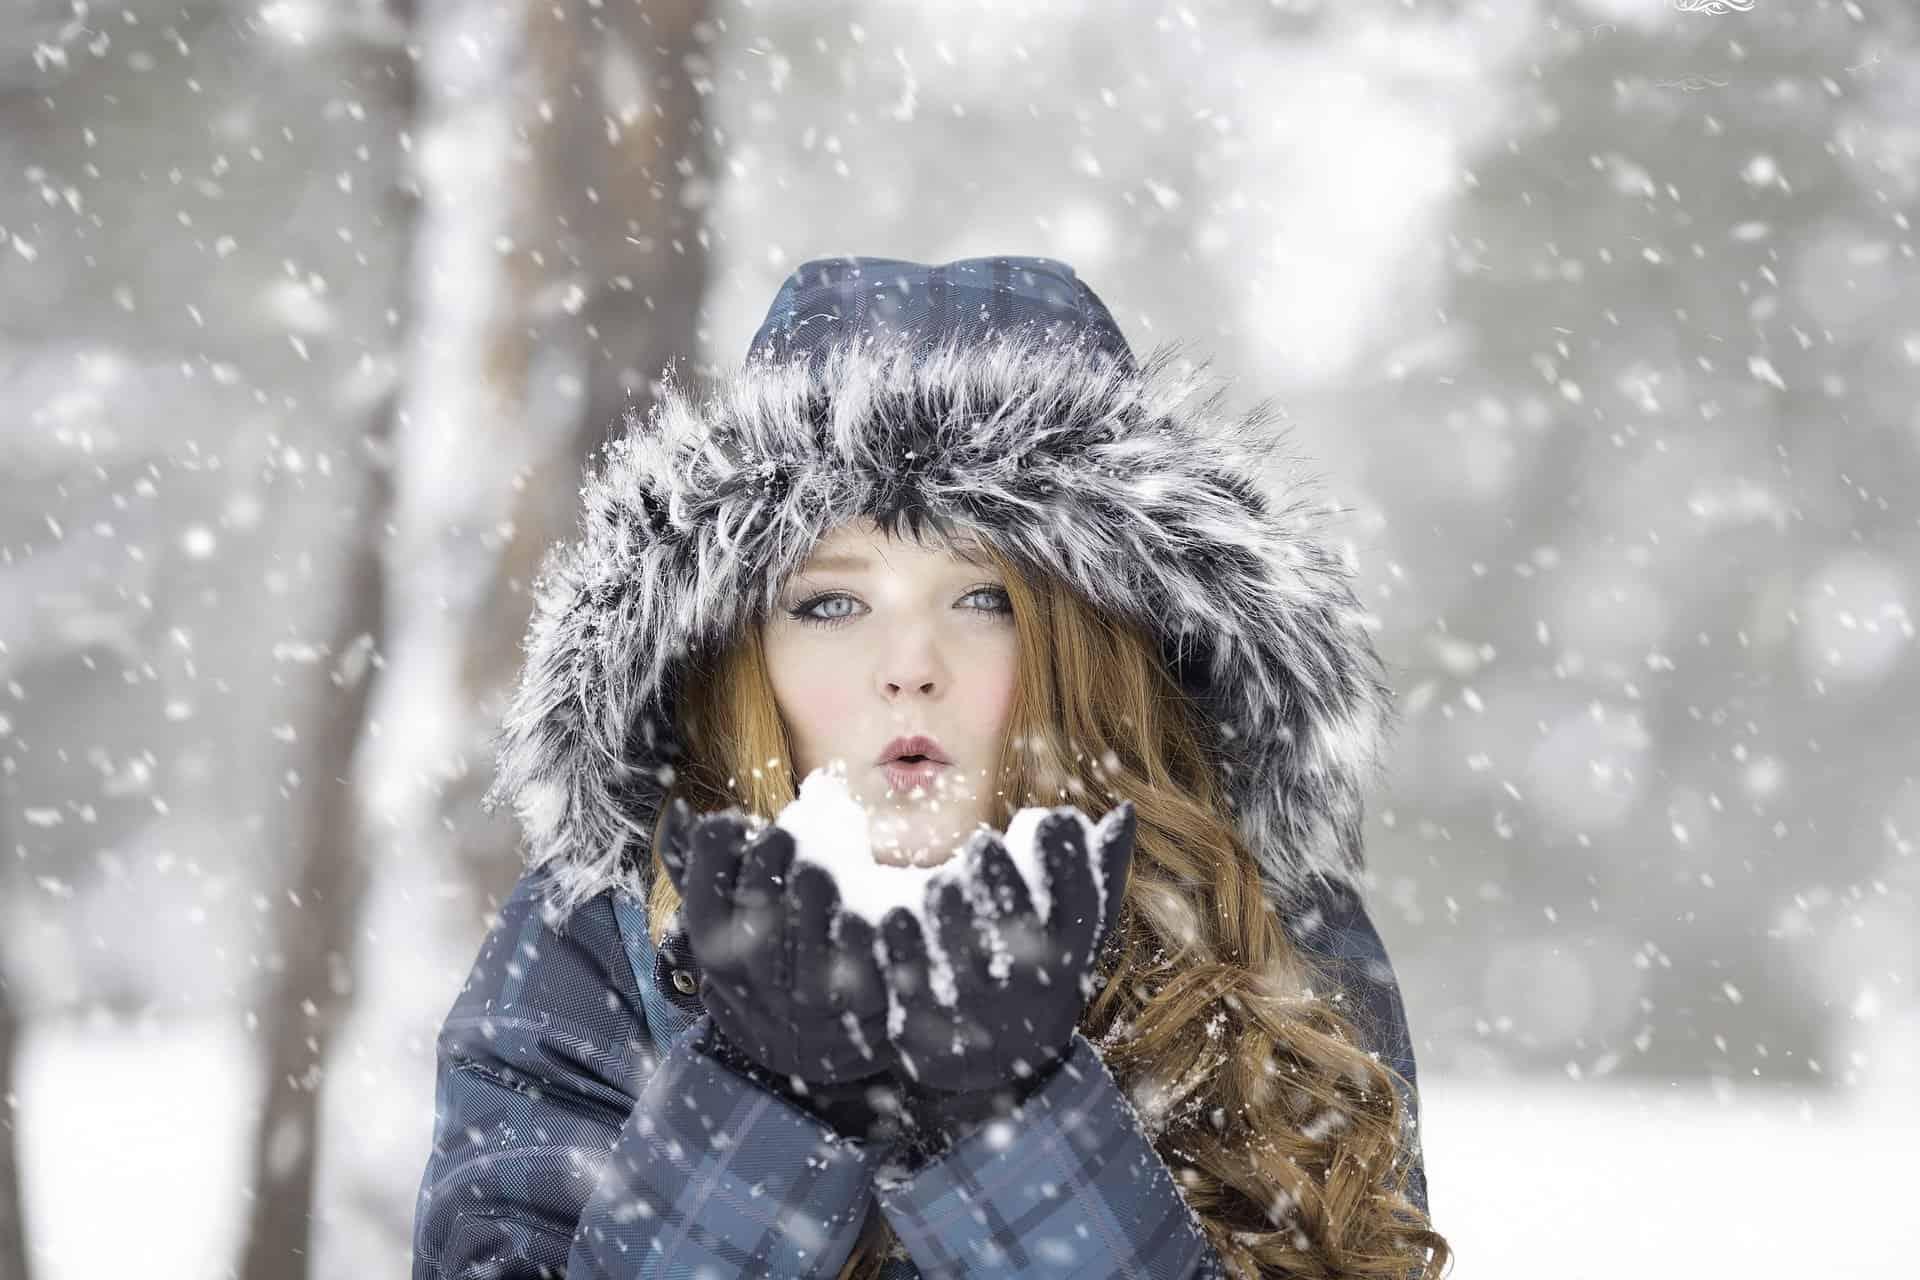 Uit de ratrace met de sneeuw